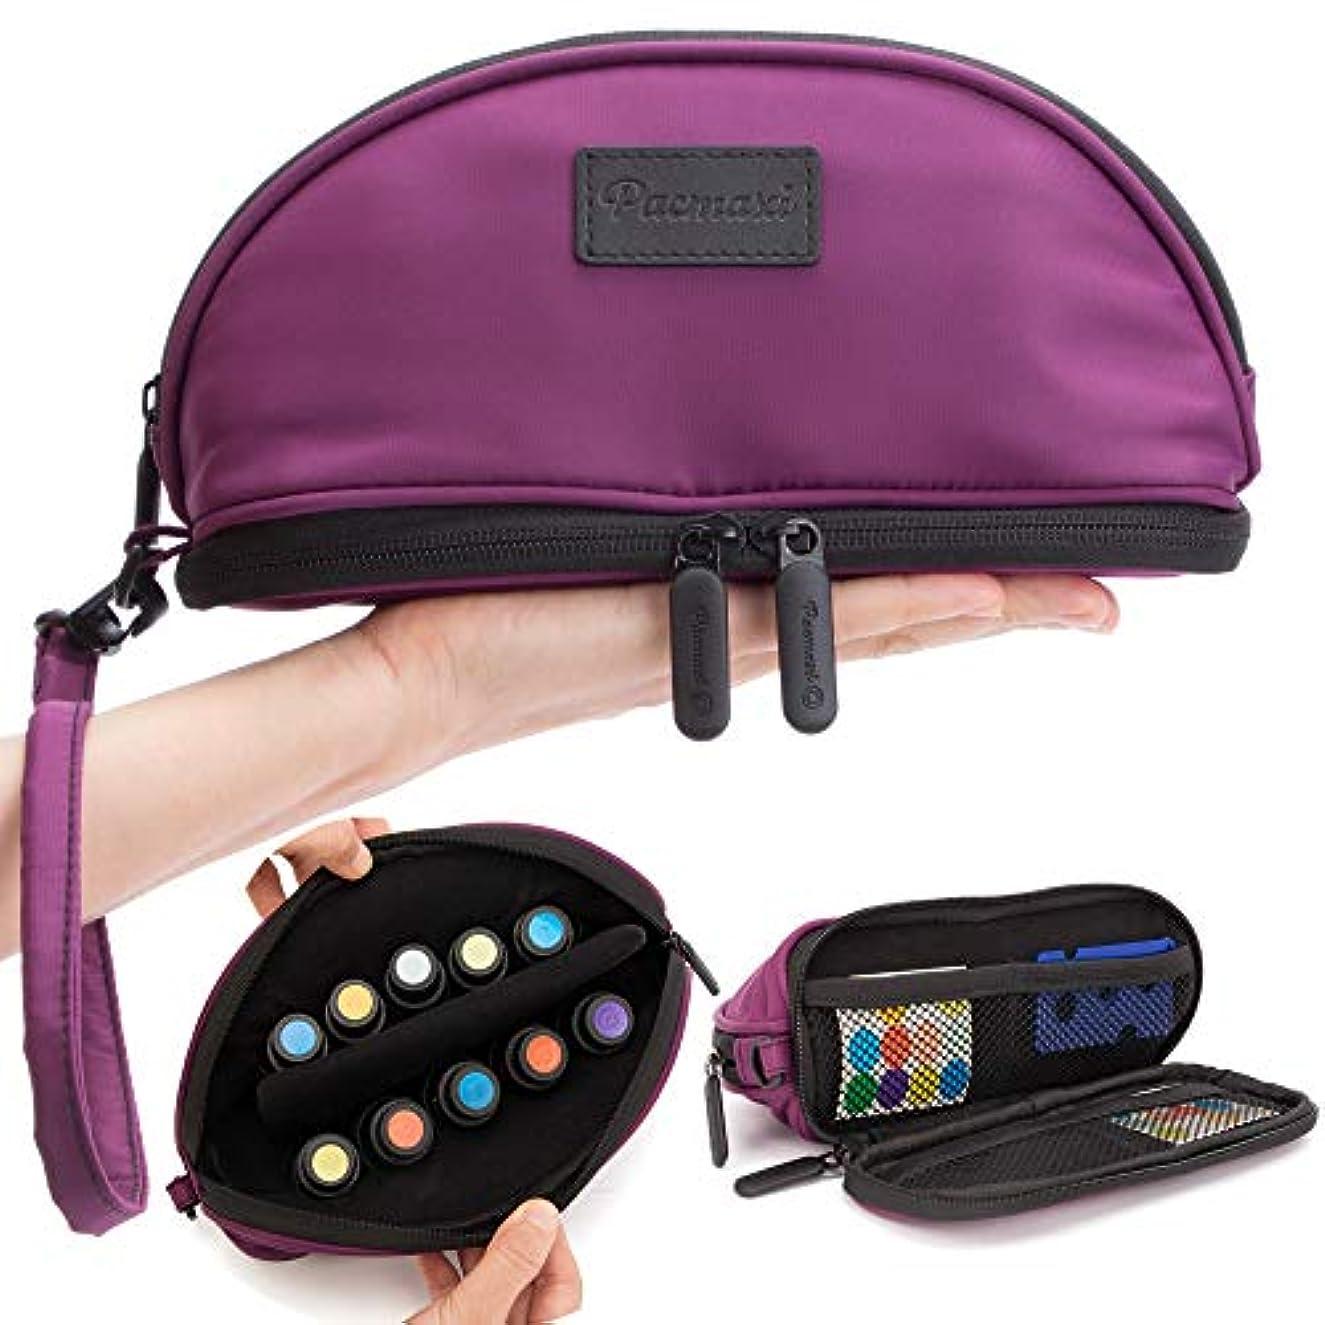 コンパニオン均等に受信機[Pacmaxi]エッセンシャルオイル 収納ポーチ 携帯便利 旅行 10本収納(5ml - 15ml) ナイロン製 撥水加工 ストラップあり (パープル)